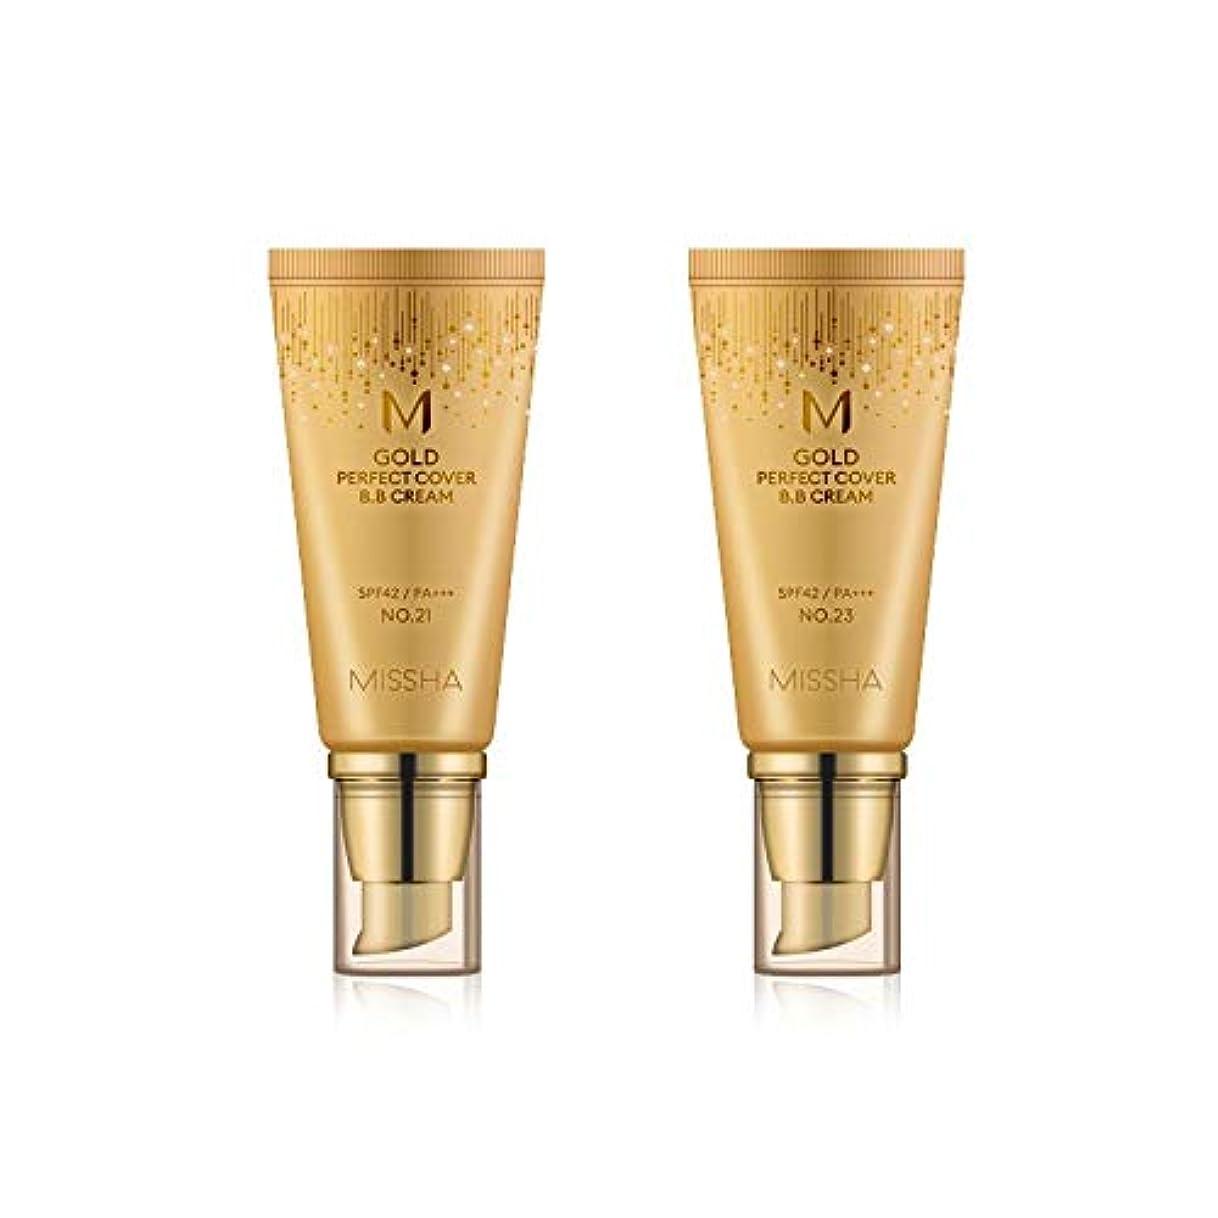 レンダリングびっくりしたベスビオ山MISSHA Gold Perfecte Cover BB Cream SPF42 PA+++ / ミシャ ゴールド パーフェクト カバー BBクリーム 50ml *NO.23 [並行輸入品]